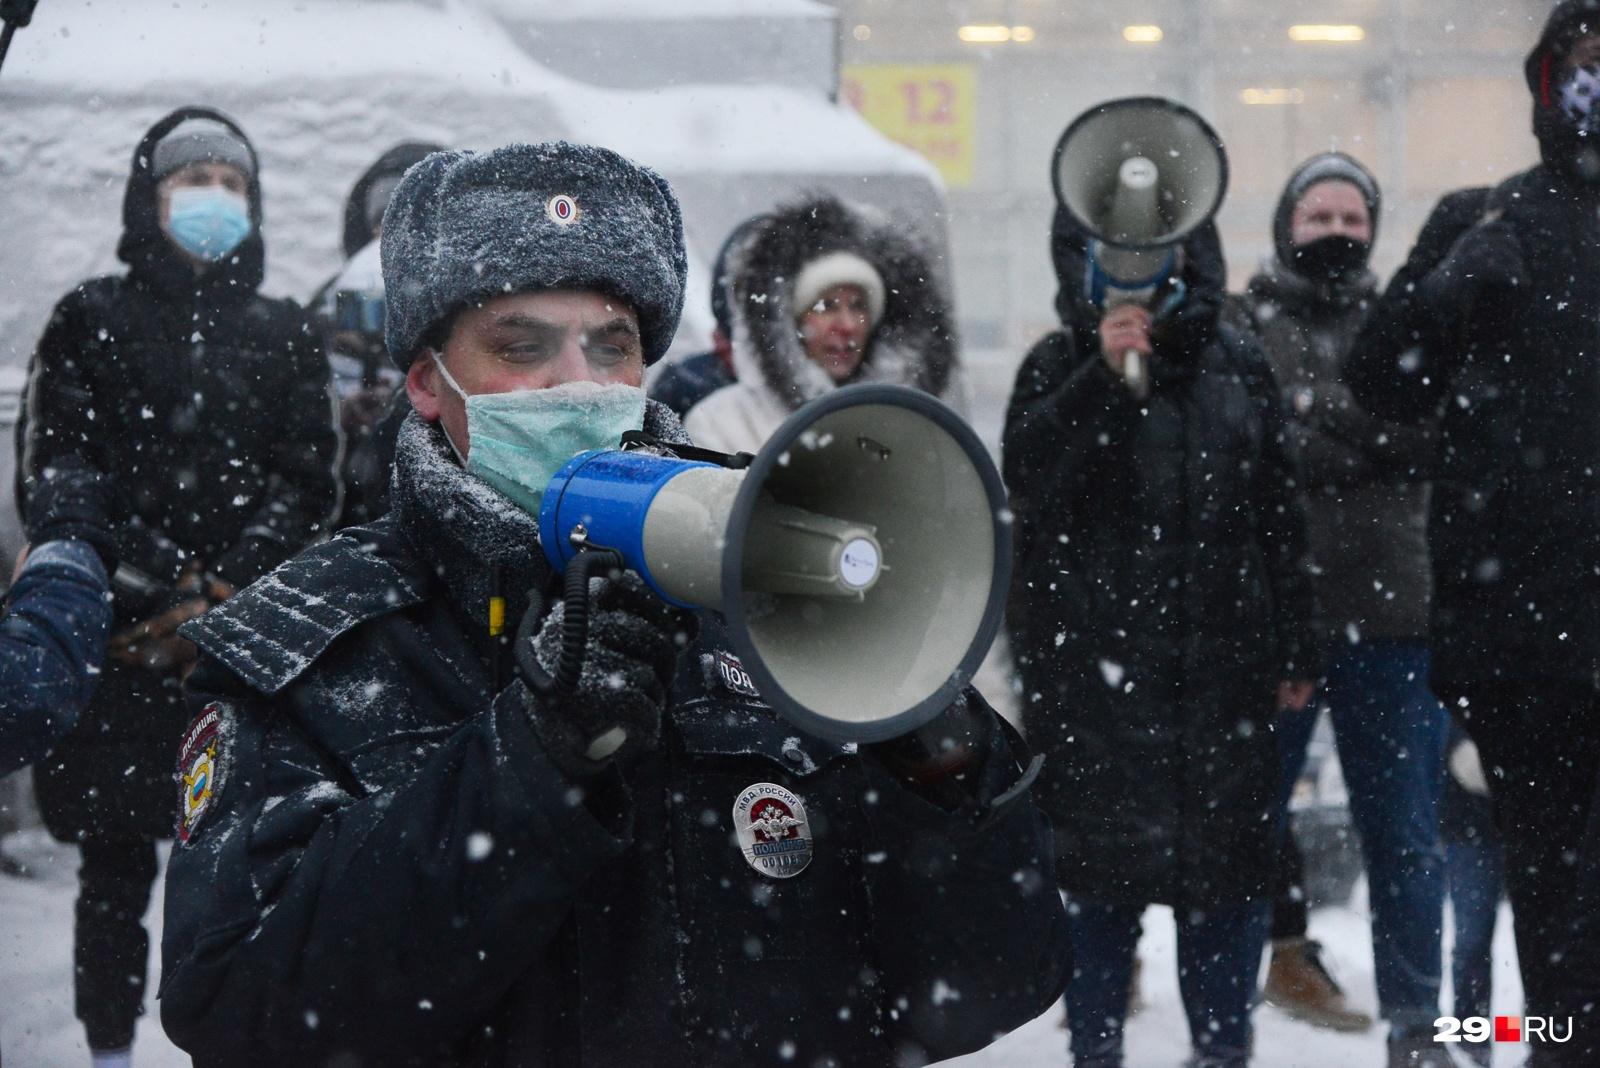 Соревнования в громкости: протестующие против полиции